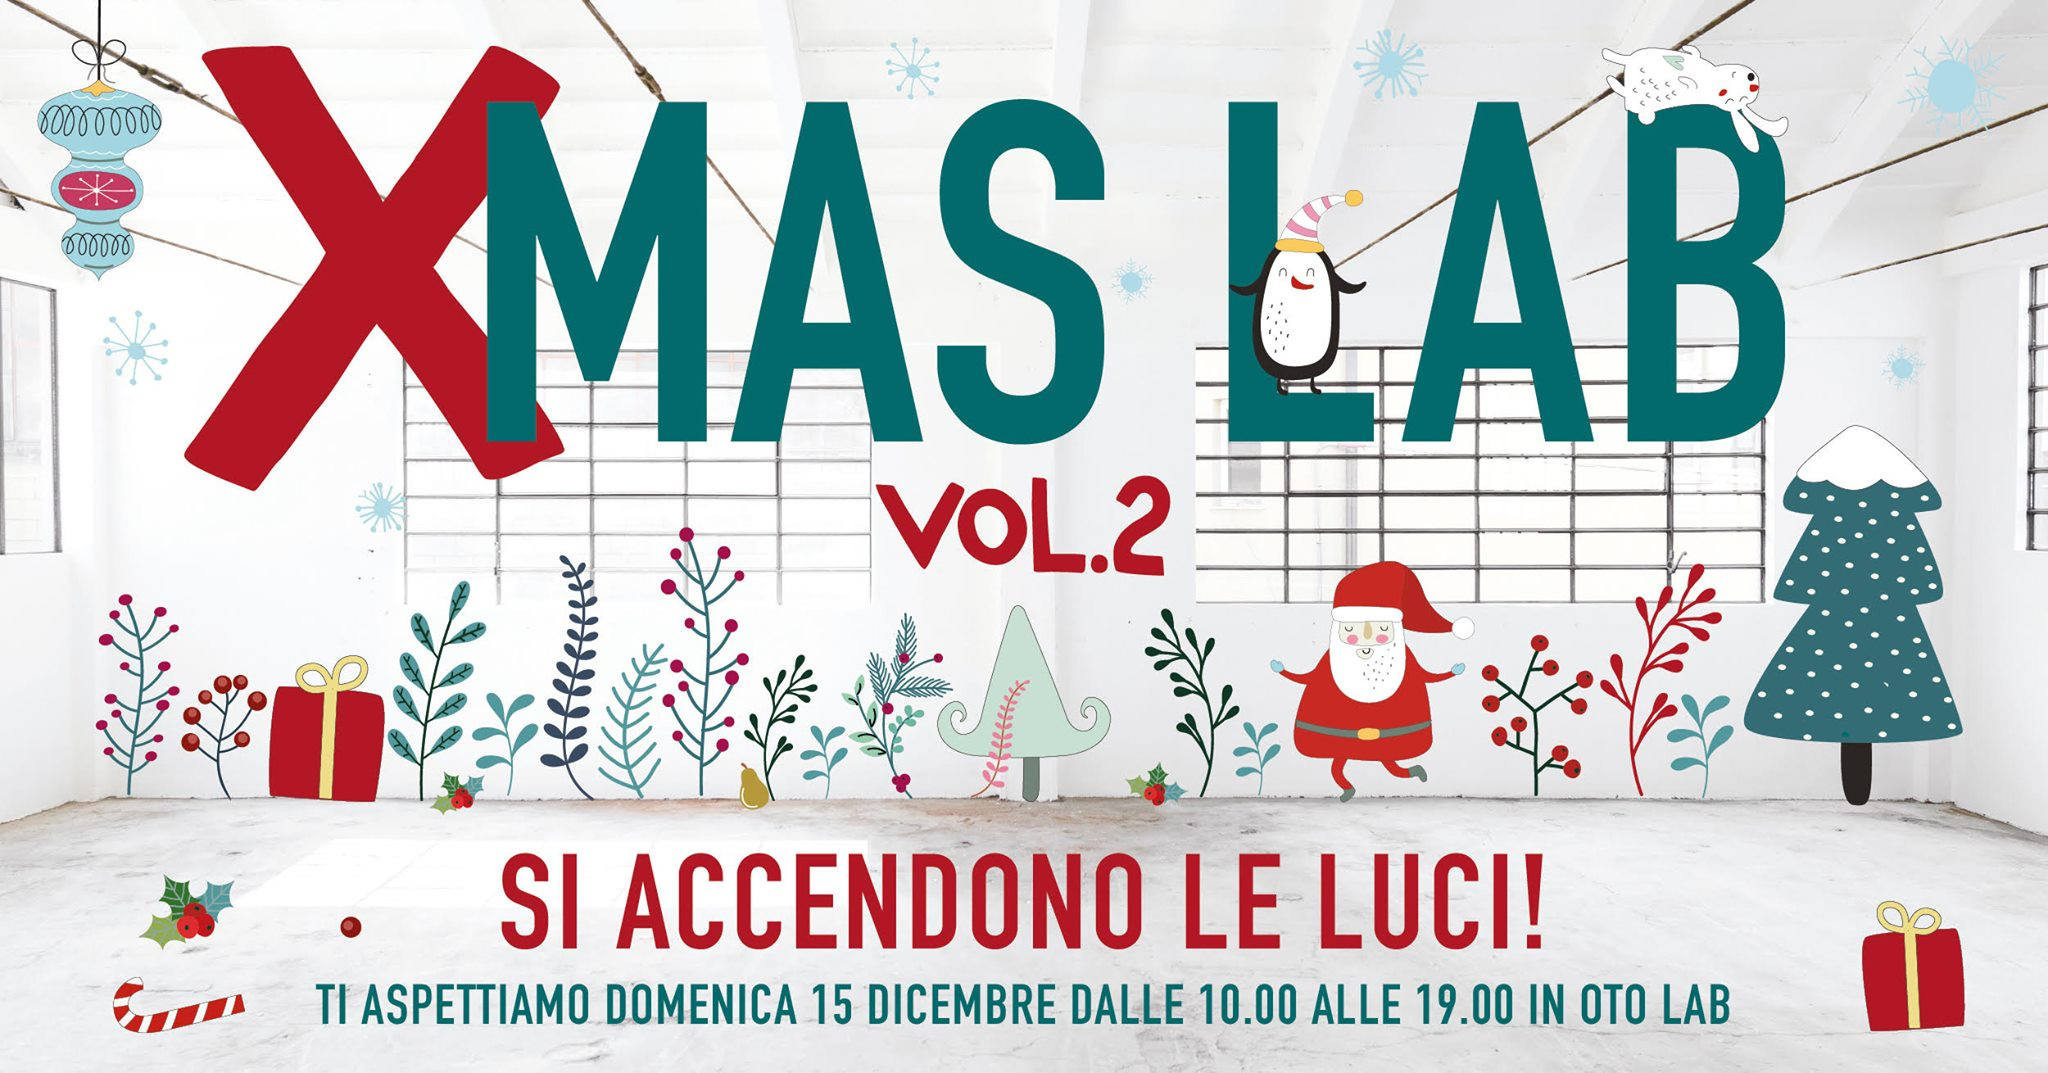 Domenica 15 dicembre 2019 XMAS LAB, Oto Lab. Herba Monstrum, birre artigianali alla spina. Rancio, Lecco. Via Mazzucconi 12, 23900